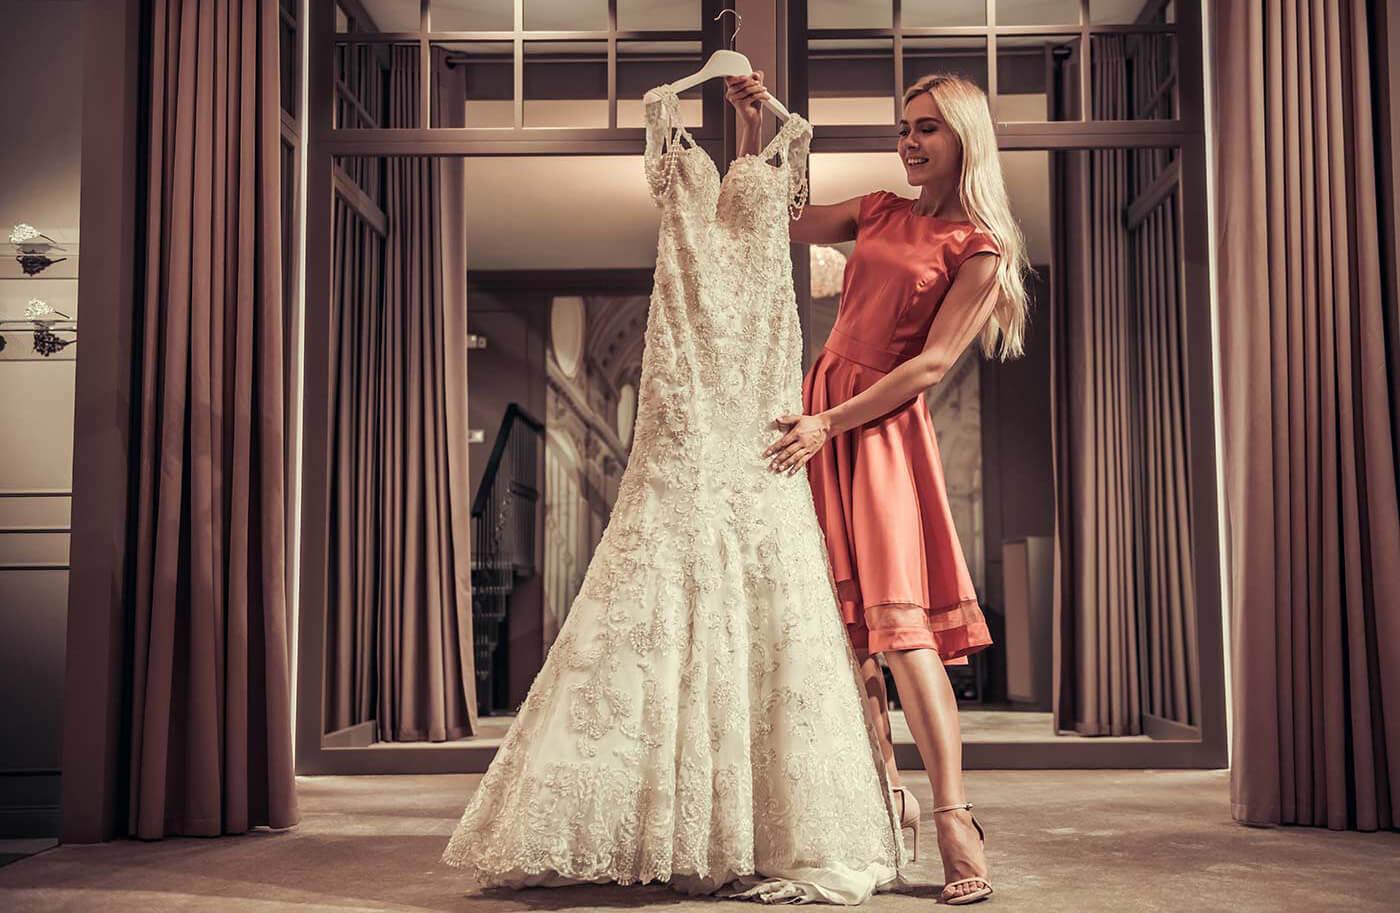 Brautkleid leihen – ist das wirklich günstig? 13 Dinge, die ihr